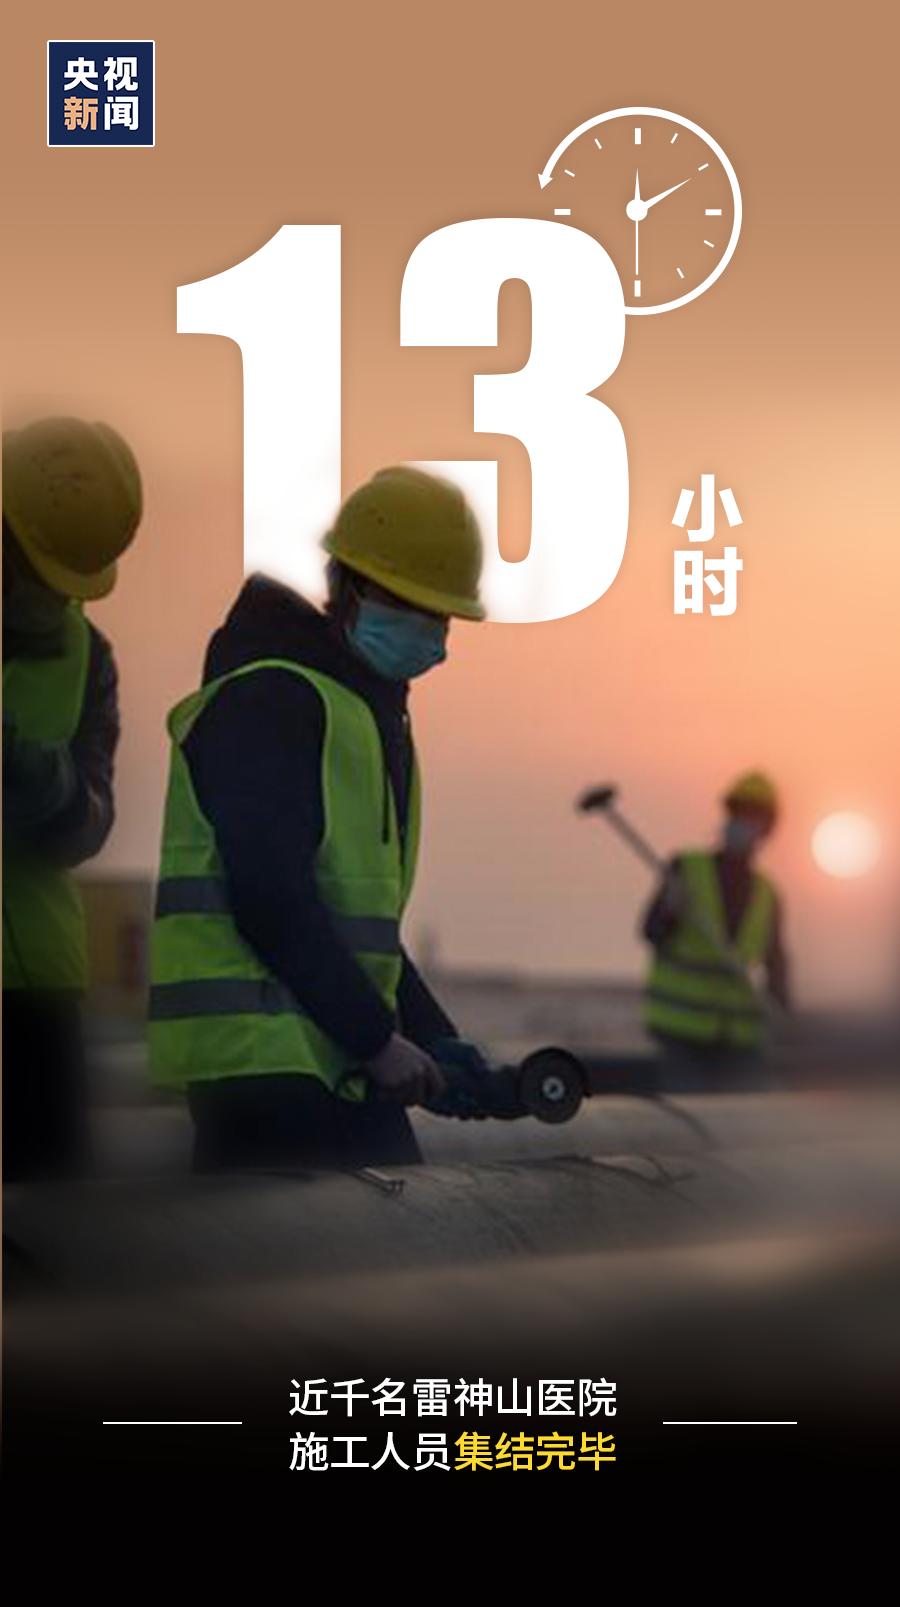 习近平:战胜这次疫情,给我们力量和信心的是中国人民